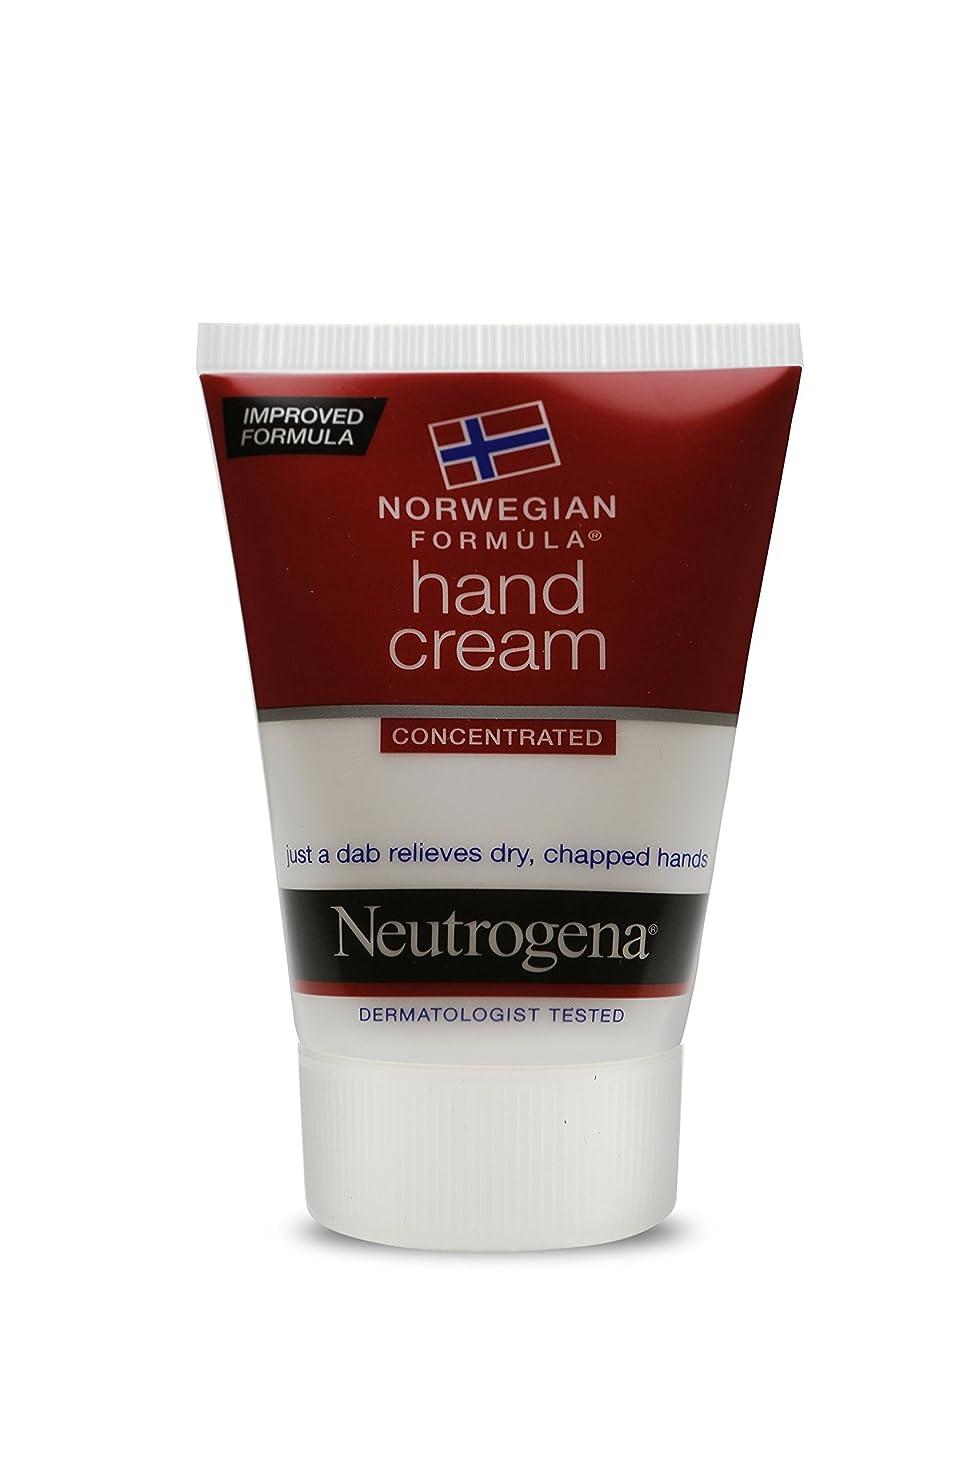 ナンセンスのぞき見すでにNeutrogena Norwegian Formula Hand Cream, 56g